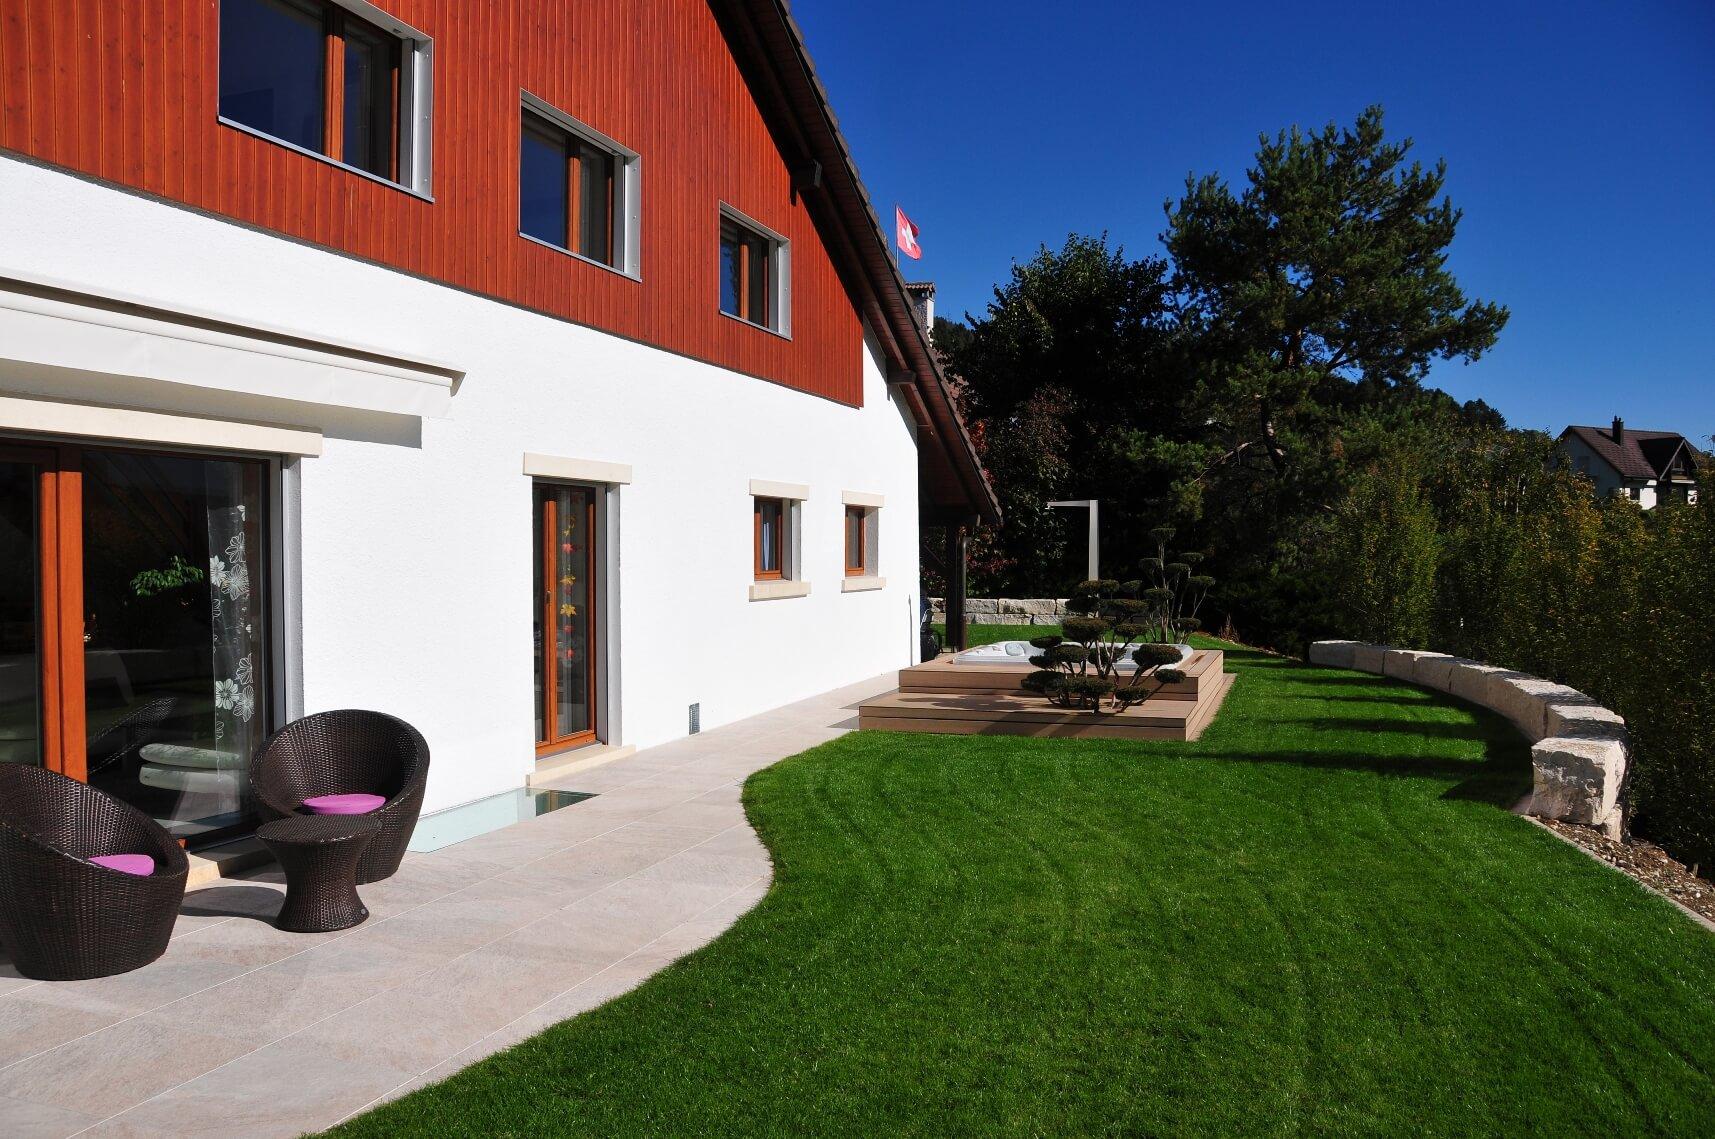 aellig paysages alentours maison familiale terrasse jacuzzi balançoires jardin talus malleray (9)